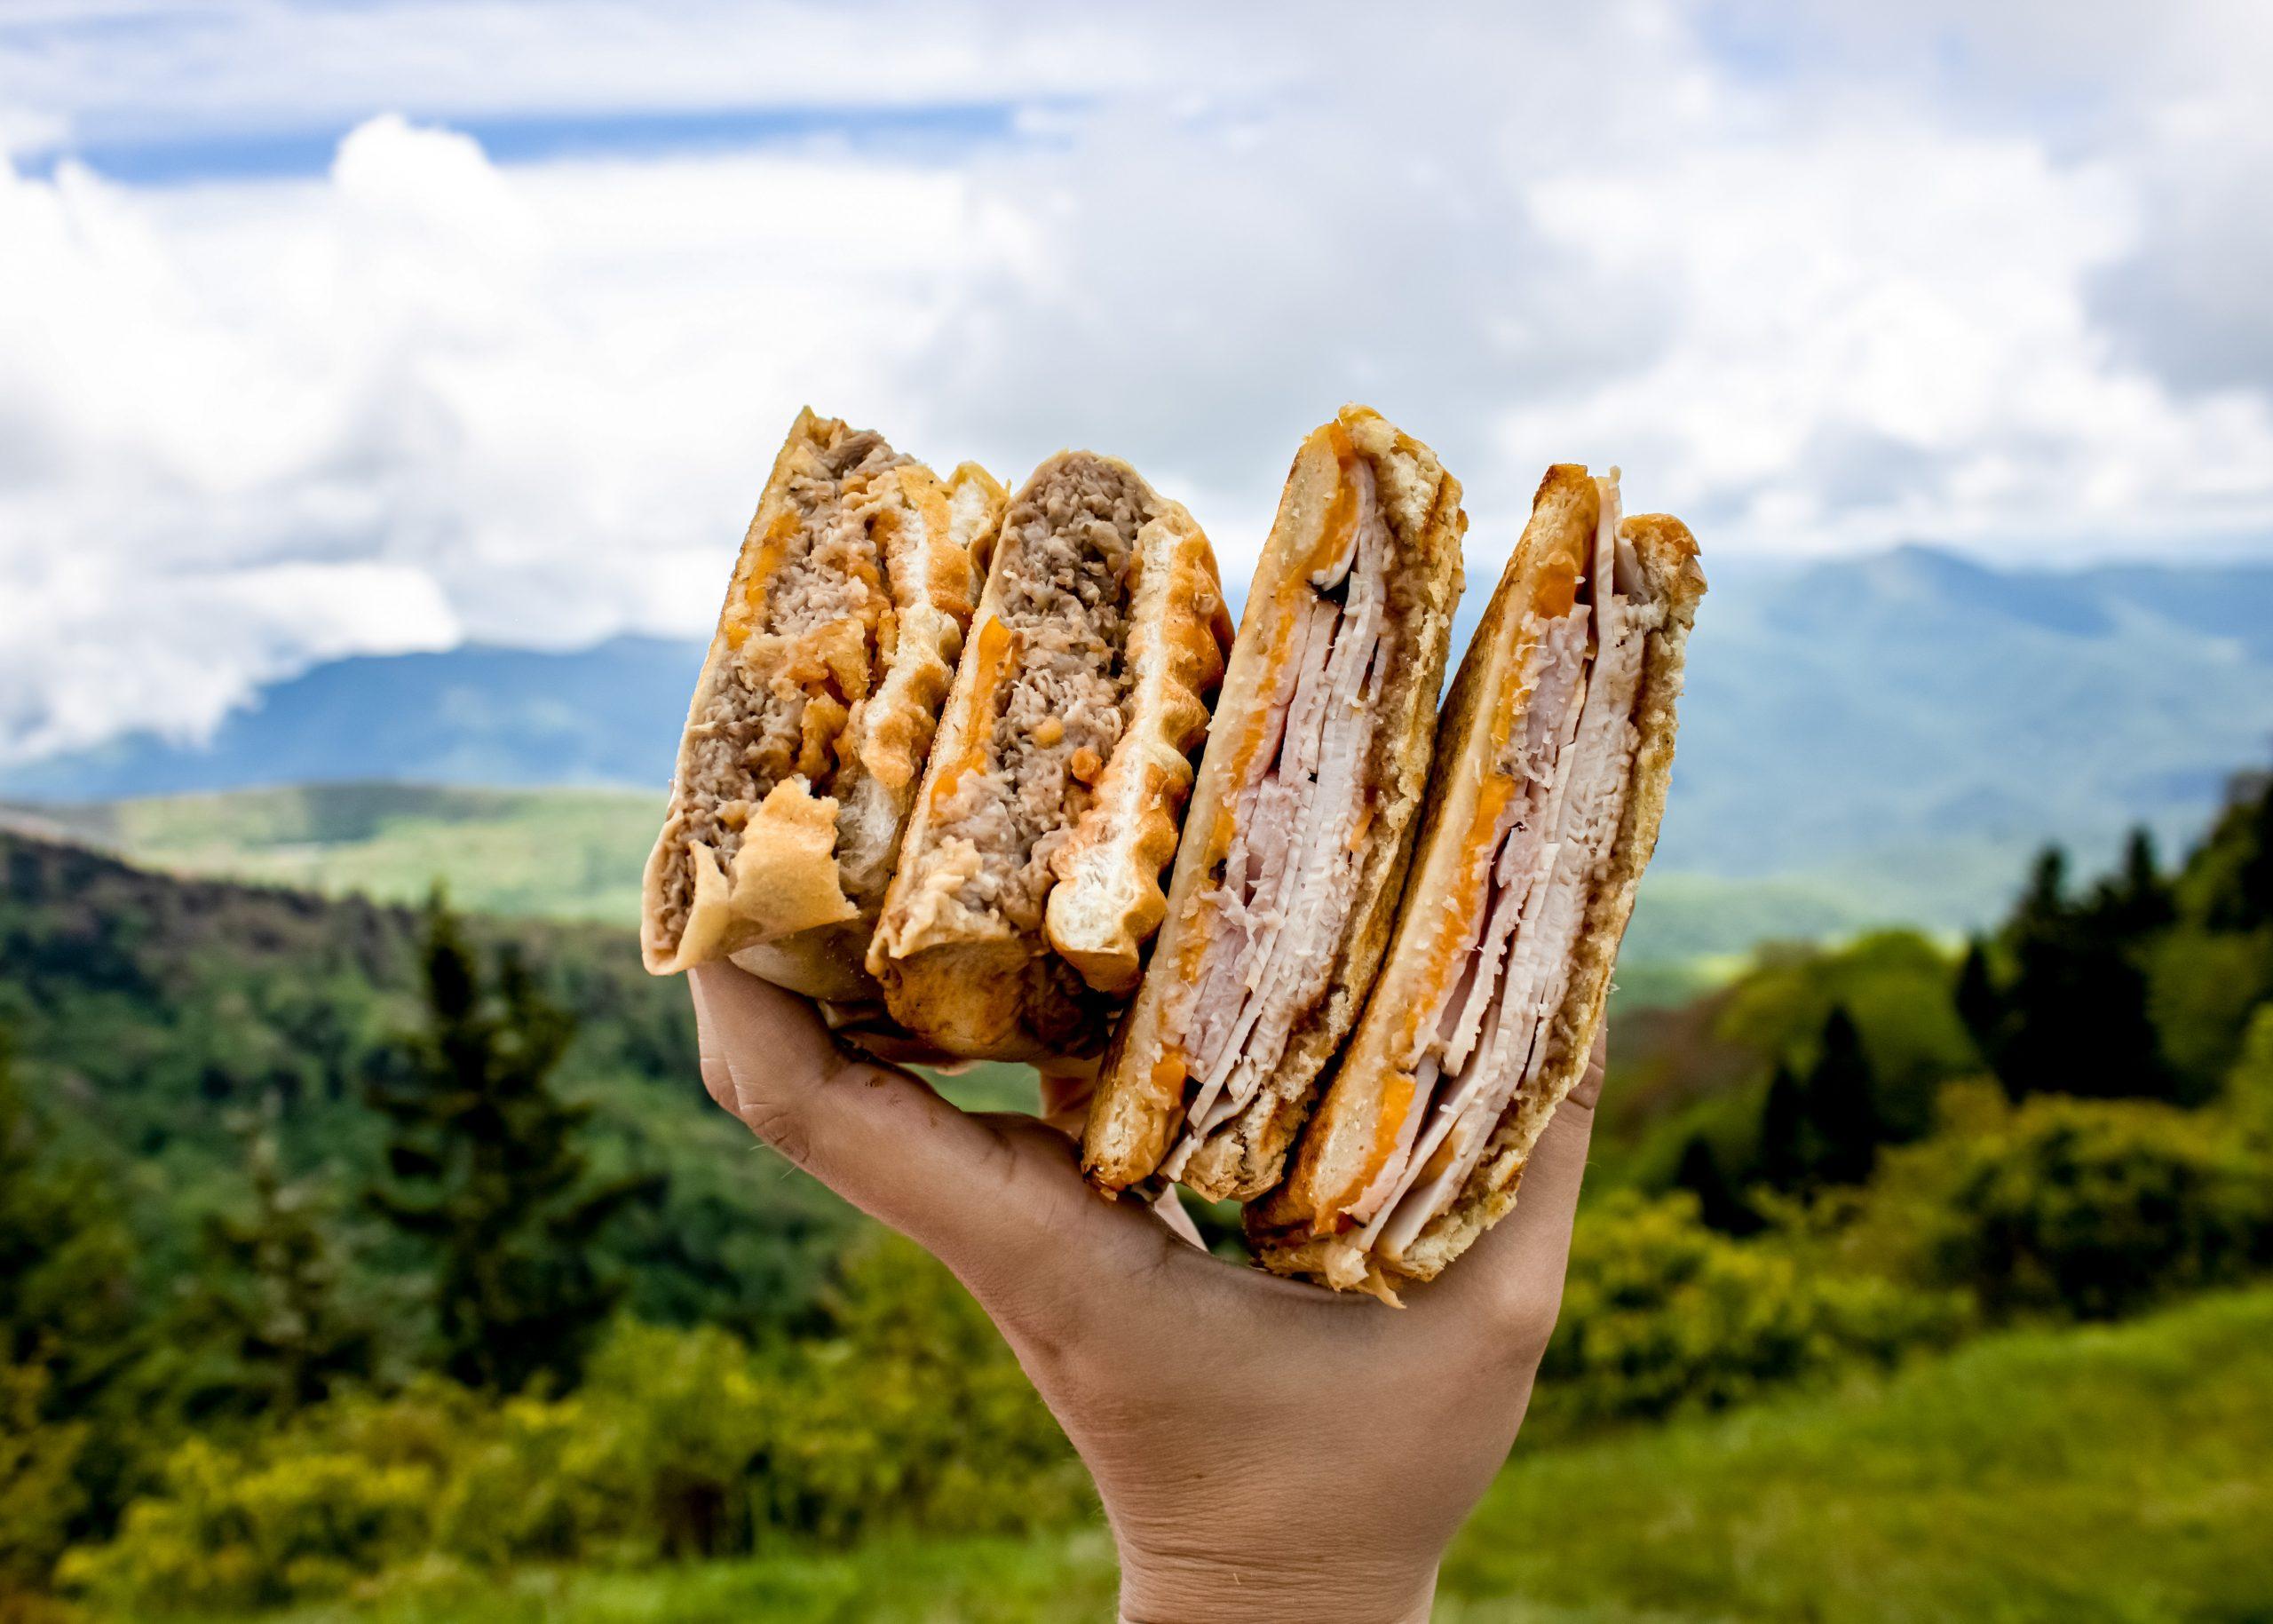 Maggie valley sandwich shop